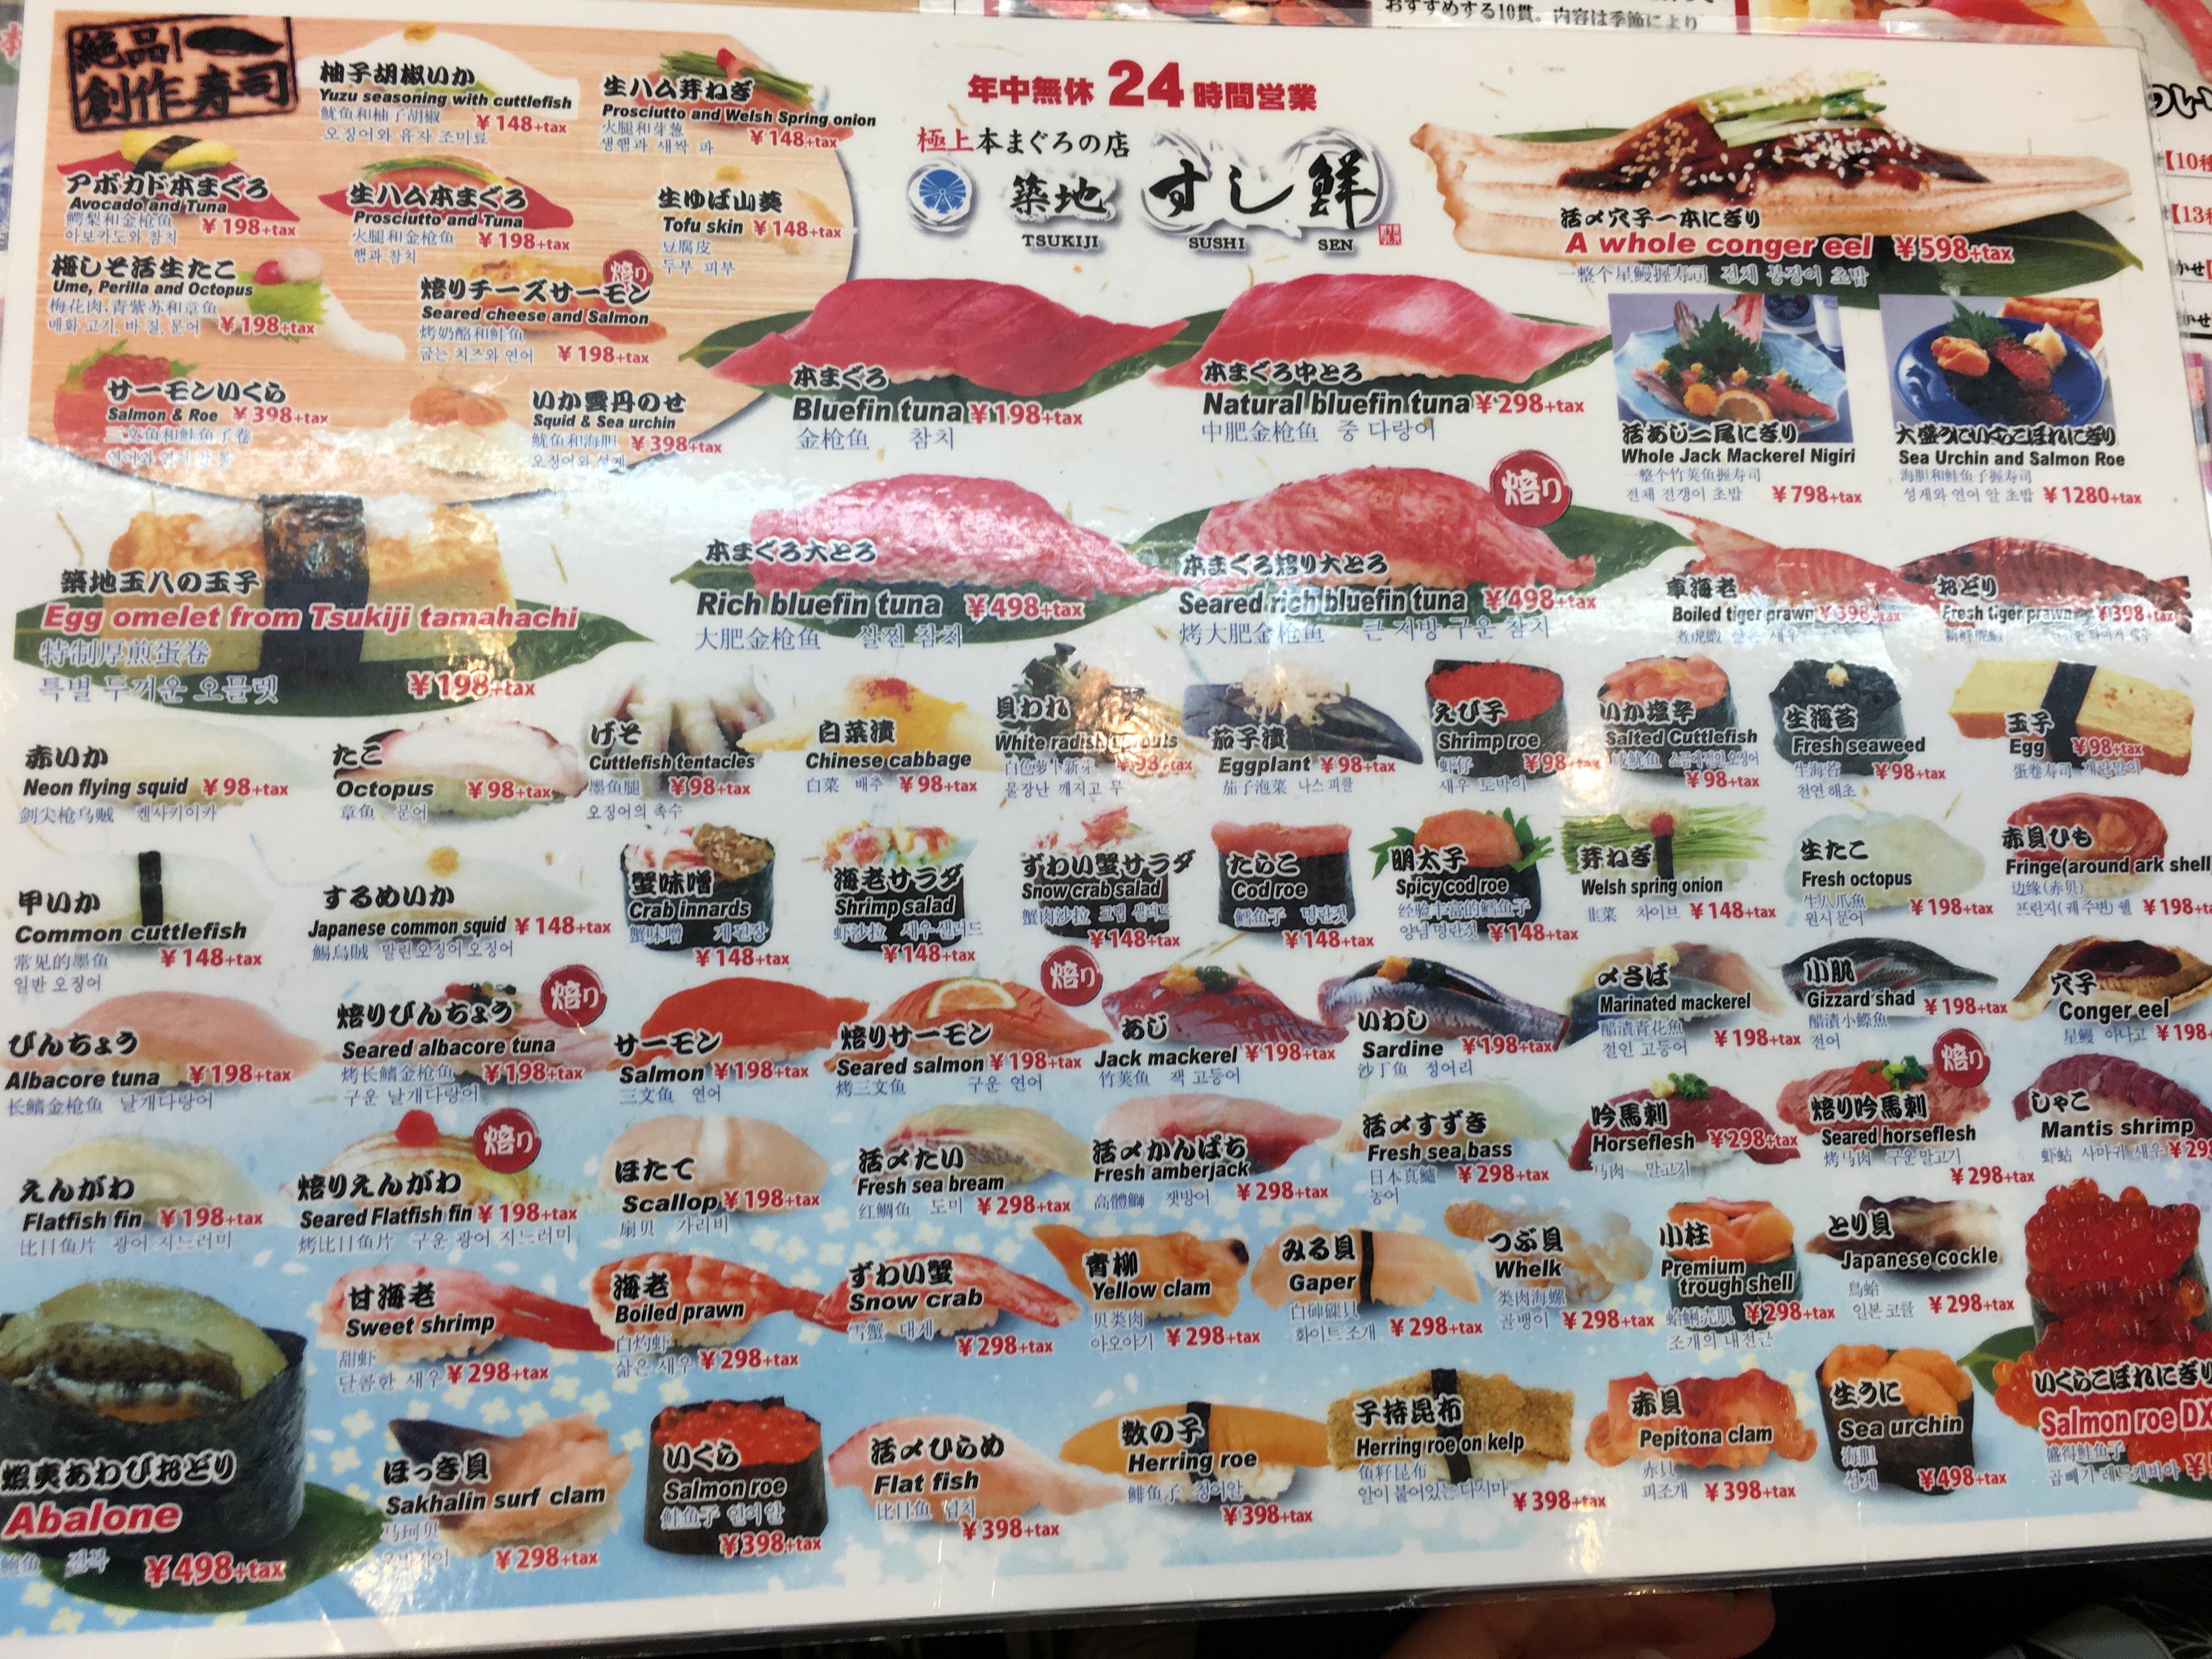 Market for Little fish menu